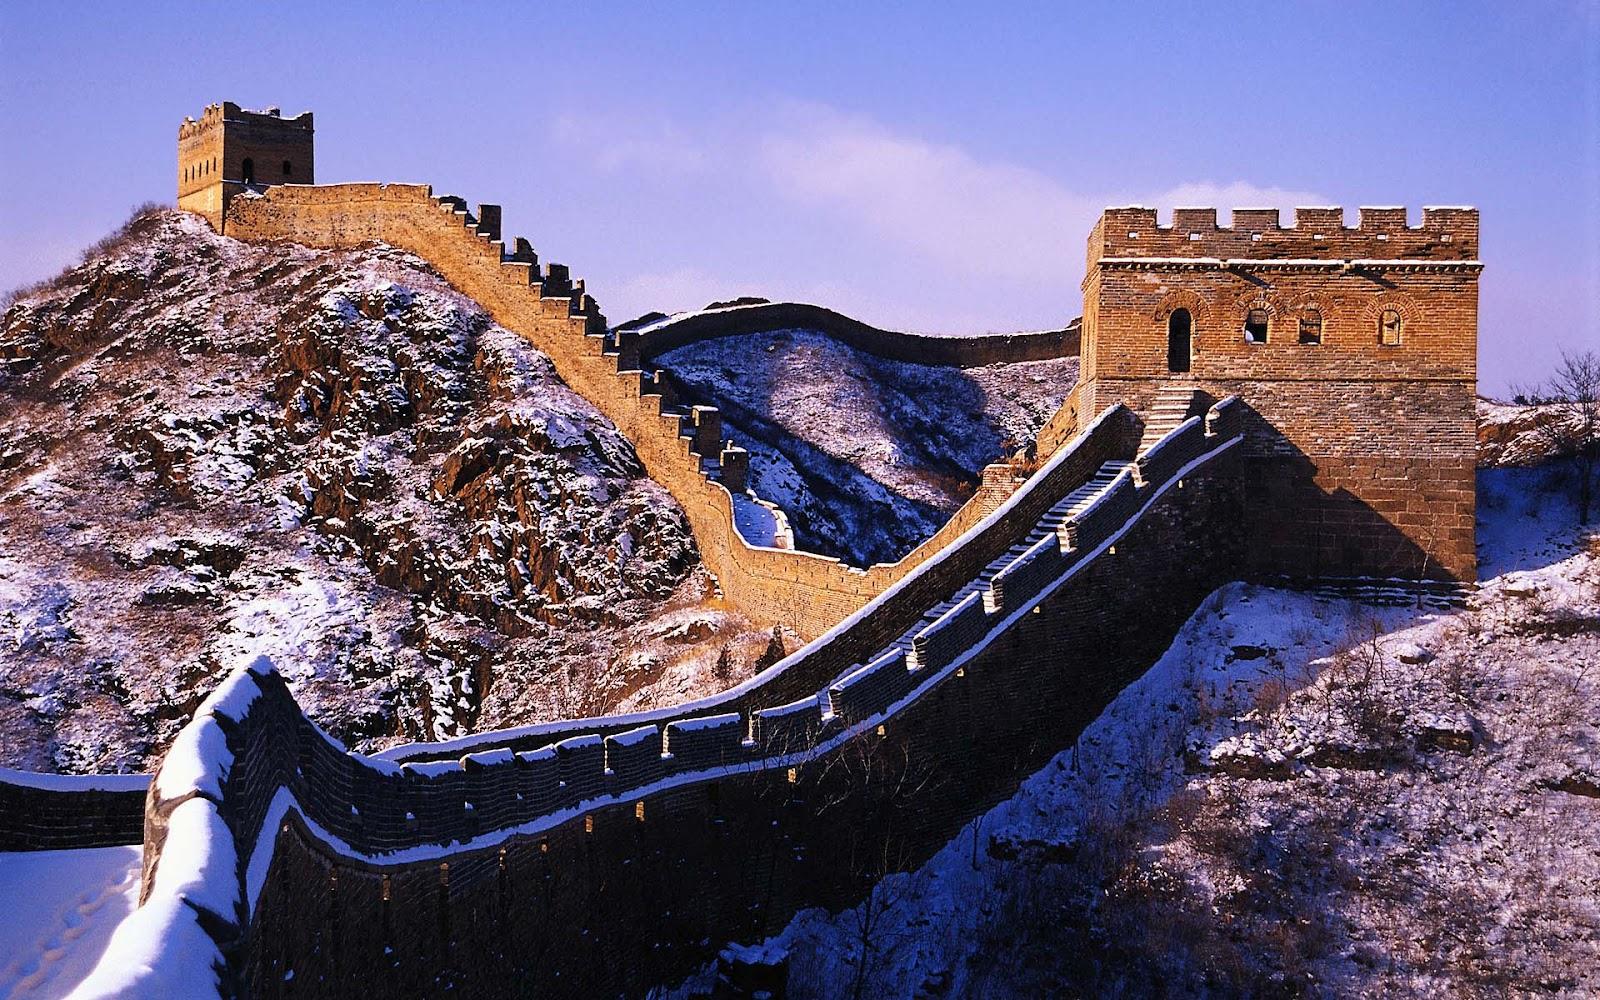 http://3.bp.blogspot.com/-3GbNTbmXGRY/UA_abWFdNUI/AAAAAAAADcY/ISxER0aMJ04/s1600/hd-landschappen-wallpapers-met-de-chinese-muur-hd-achtergronden.jpeg